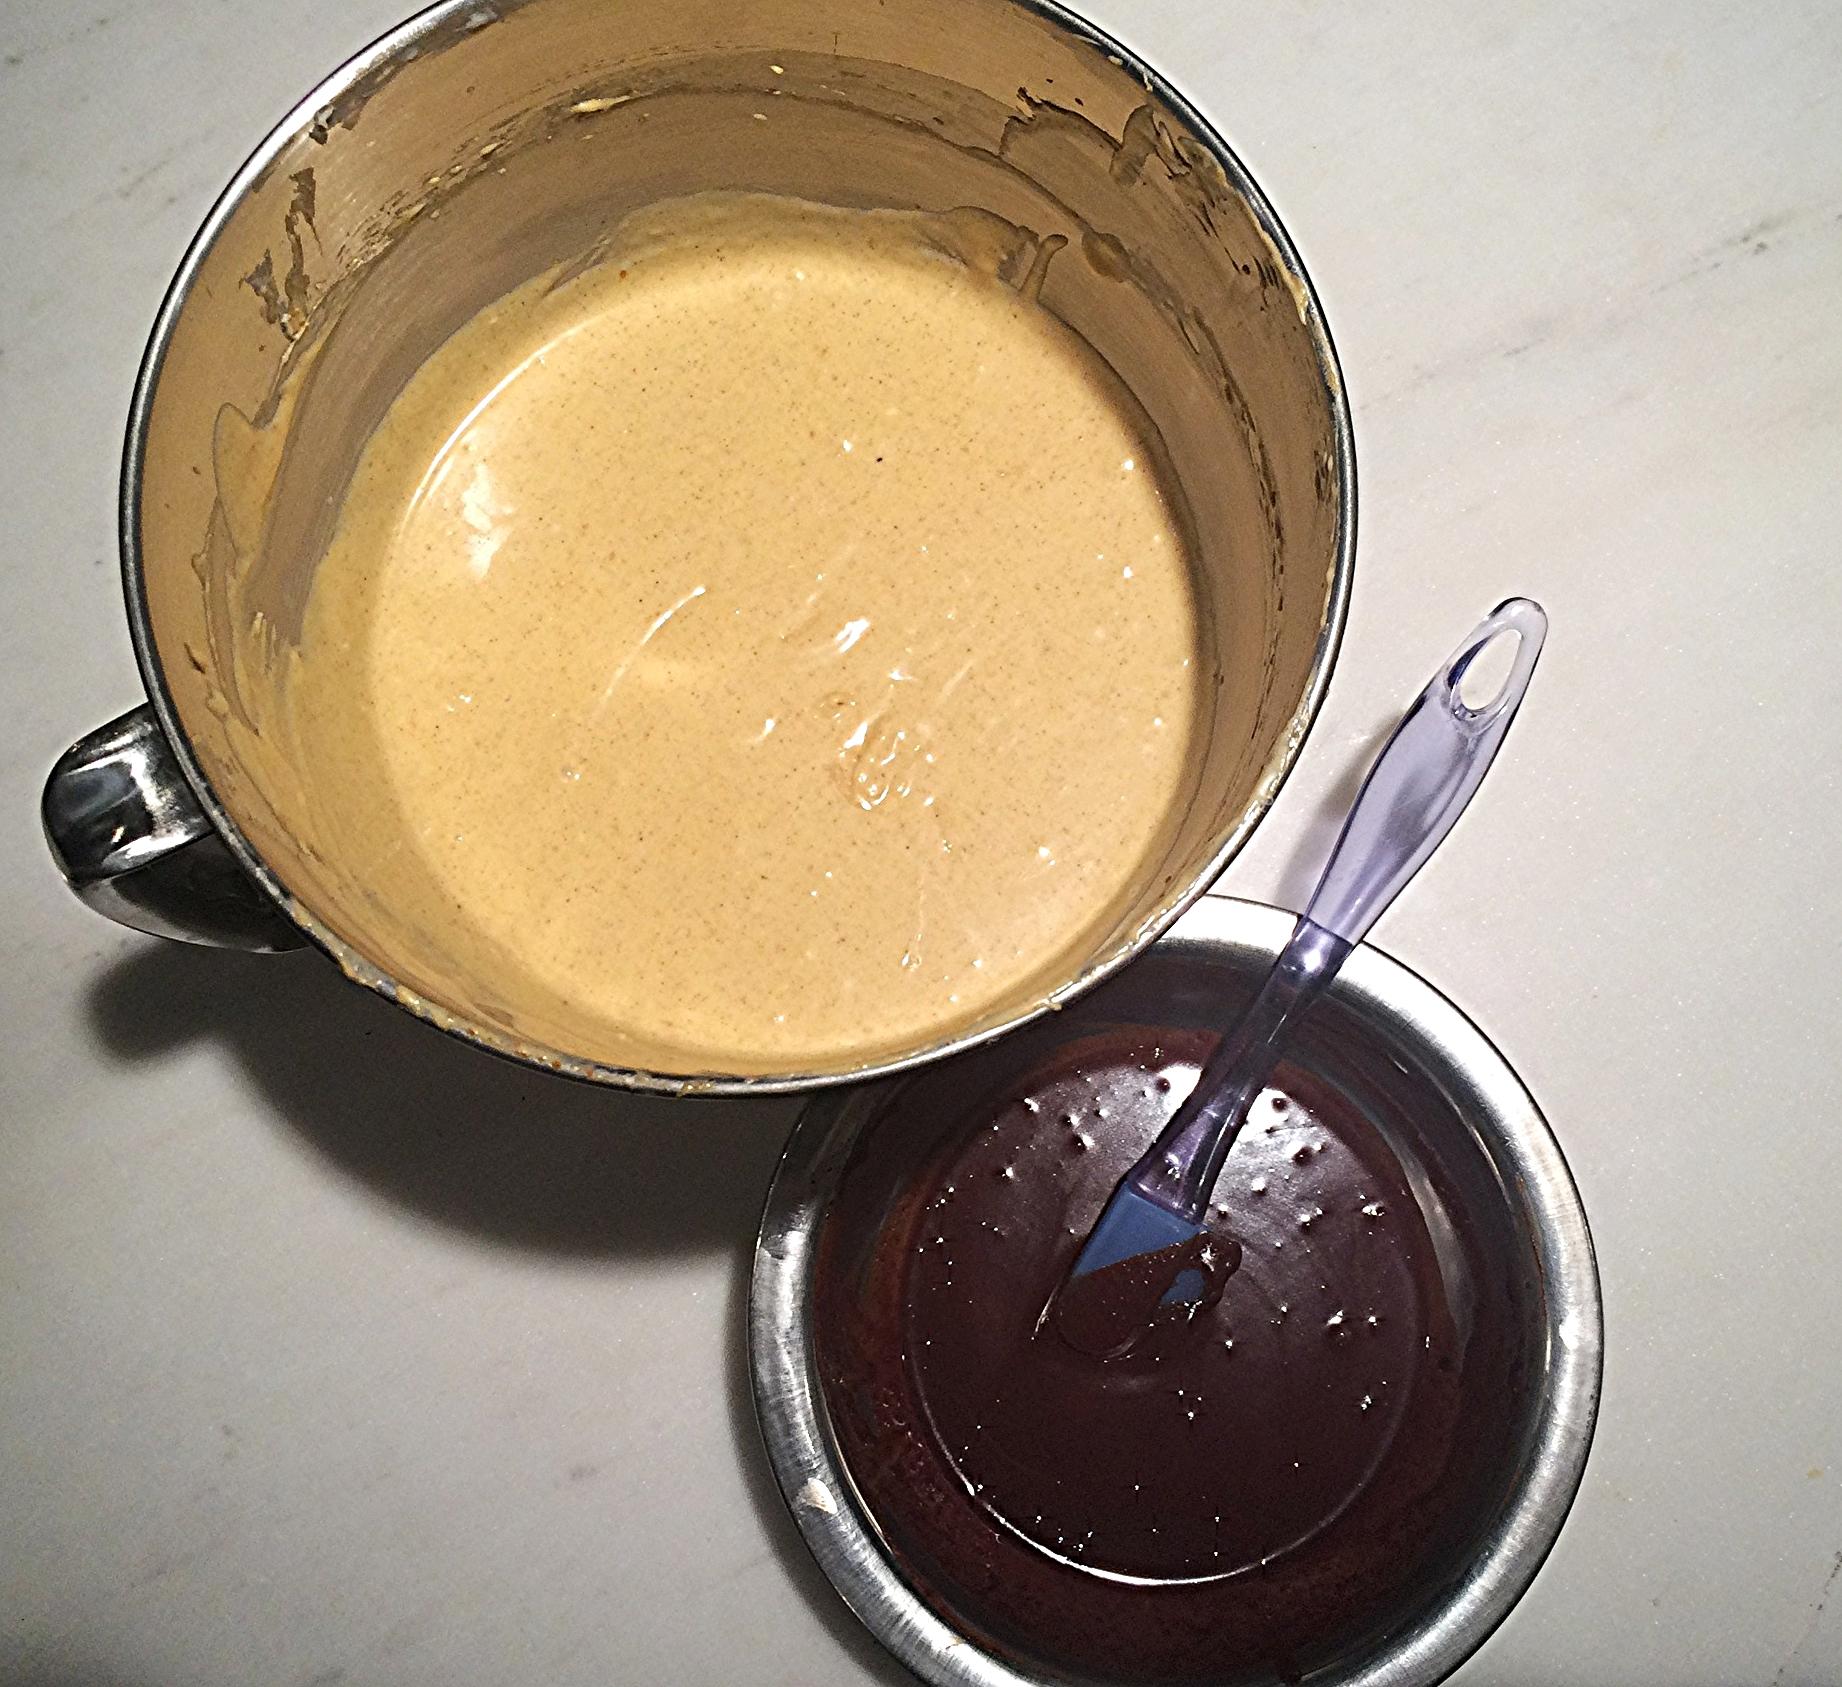 Com a massa de abóbora pronta e o chocolate derretido,incorporado ao creme de leite e frio, separe uma xícara da mistura de cream cheese numa outra tigela e adicione o chocolate derretido. Misture delicadamente até que fique homogêneo.